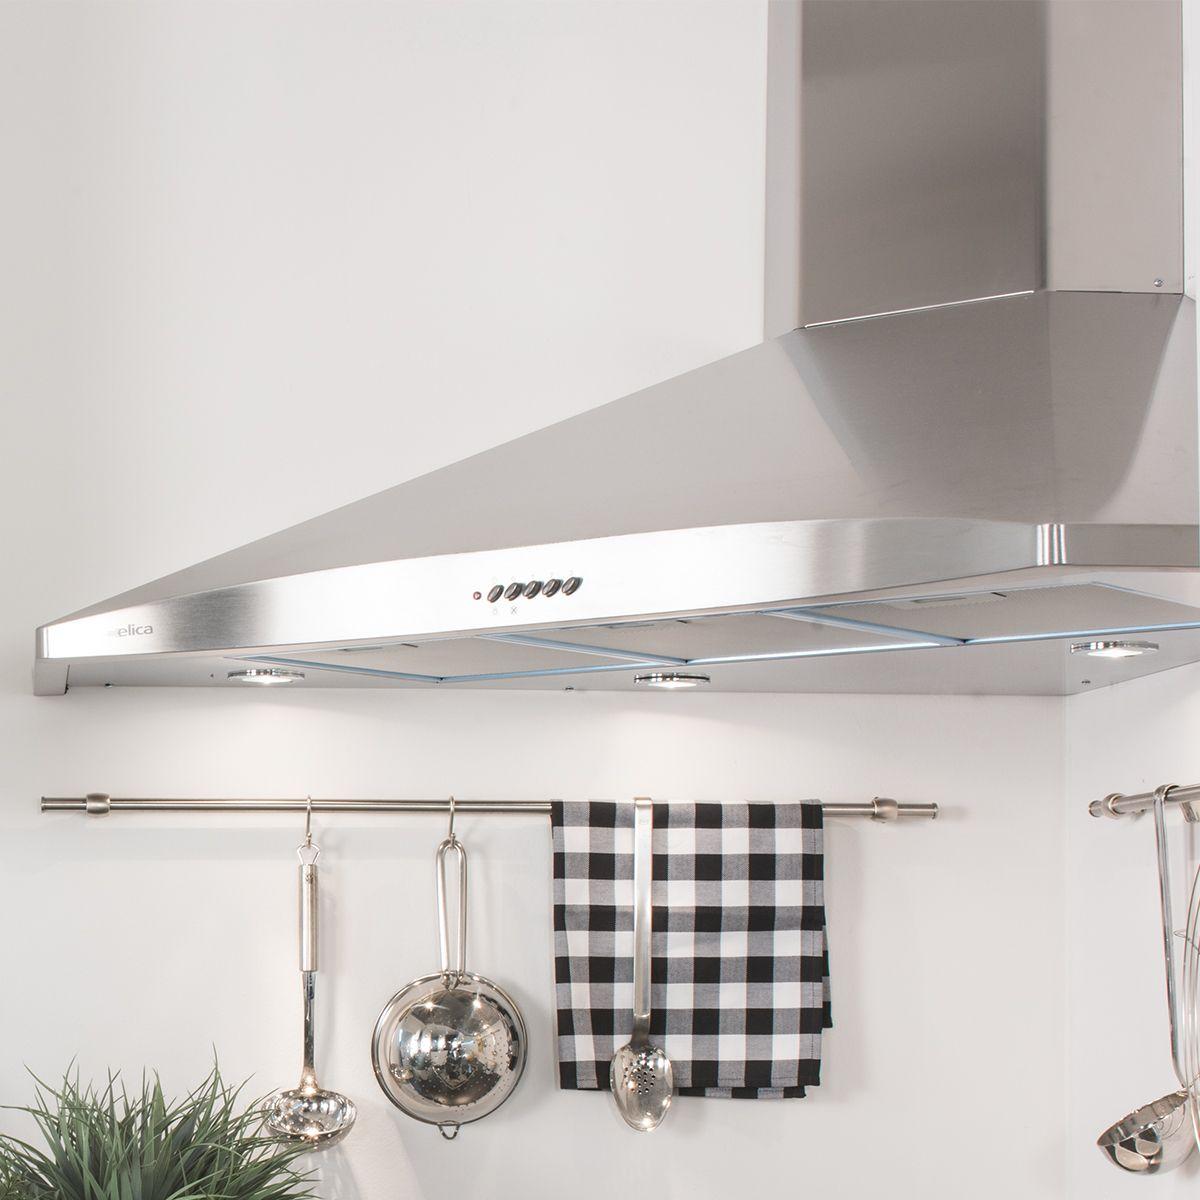 Cucina componibile, Katy N30N Ceiling lights